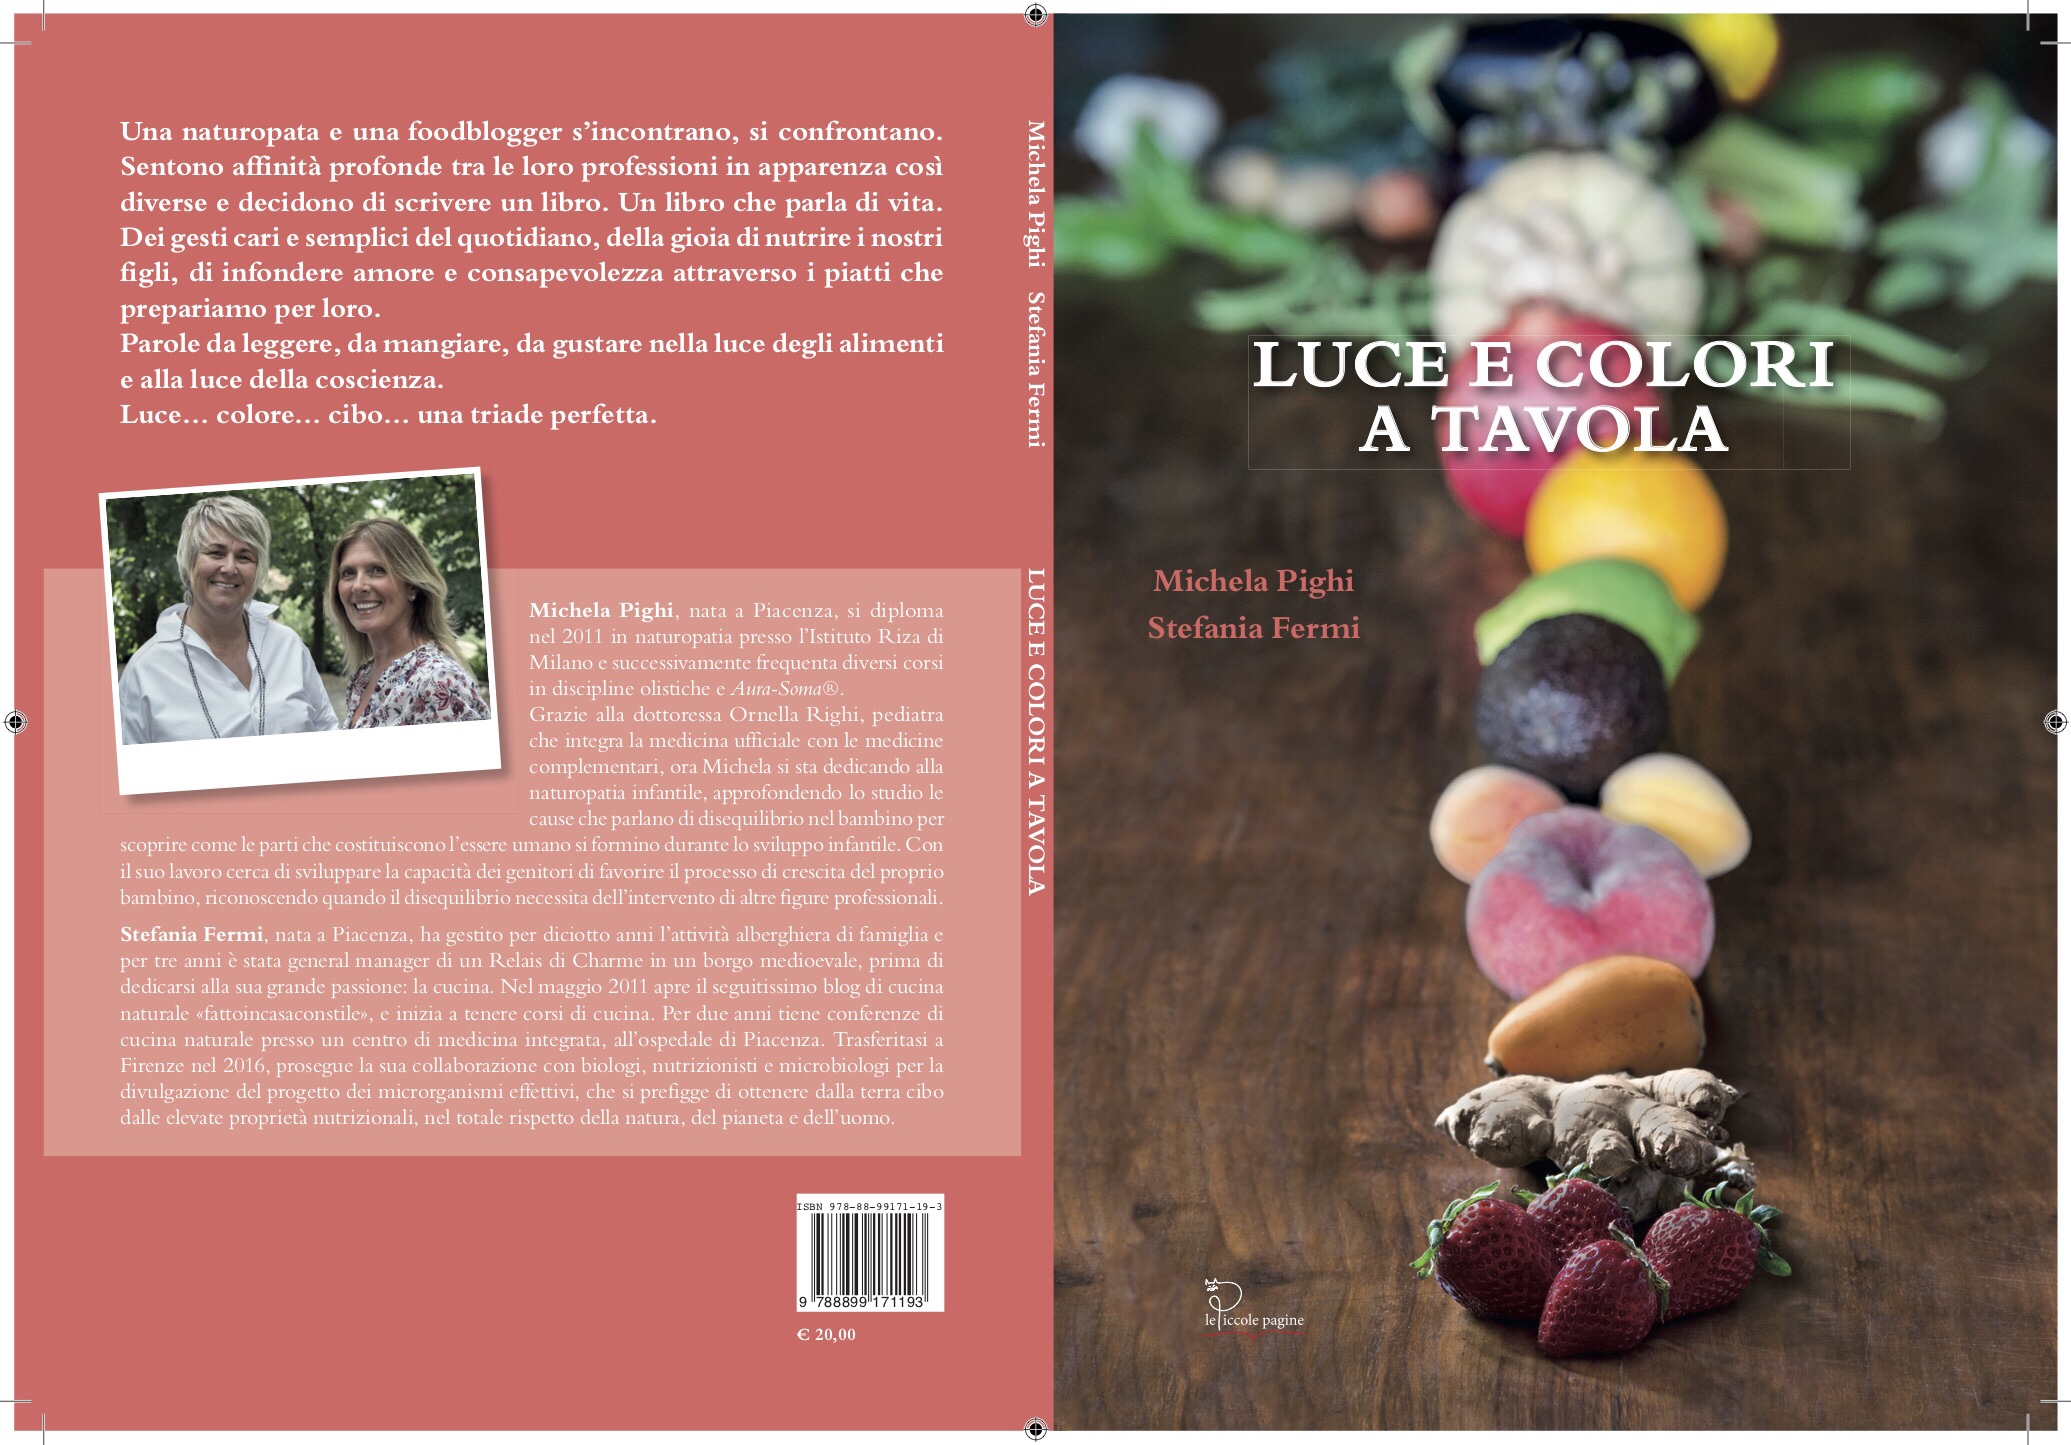 Libro Luce e colori a tavola di Stefania Fermi